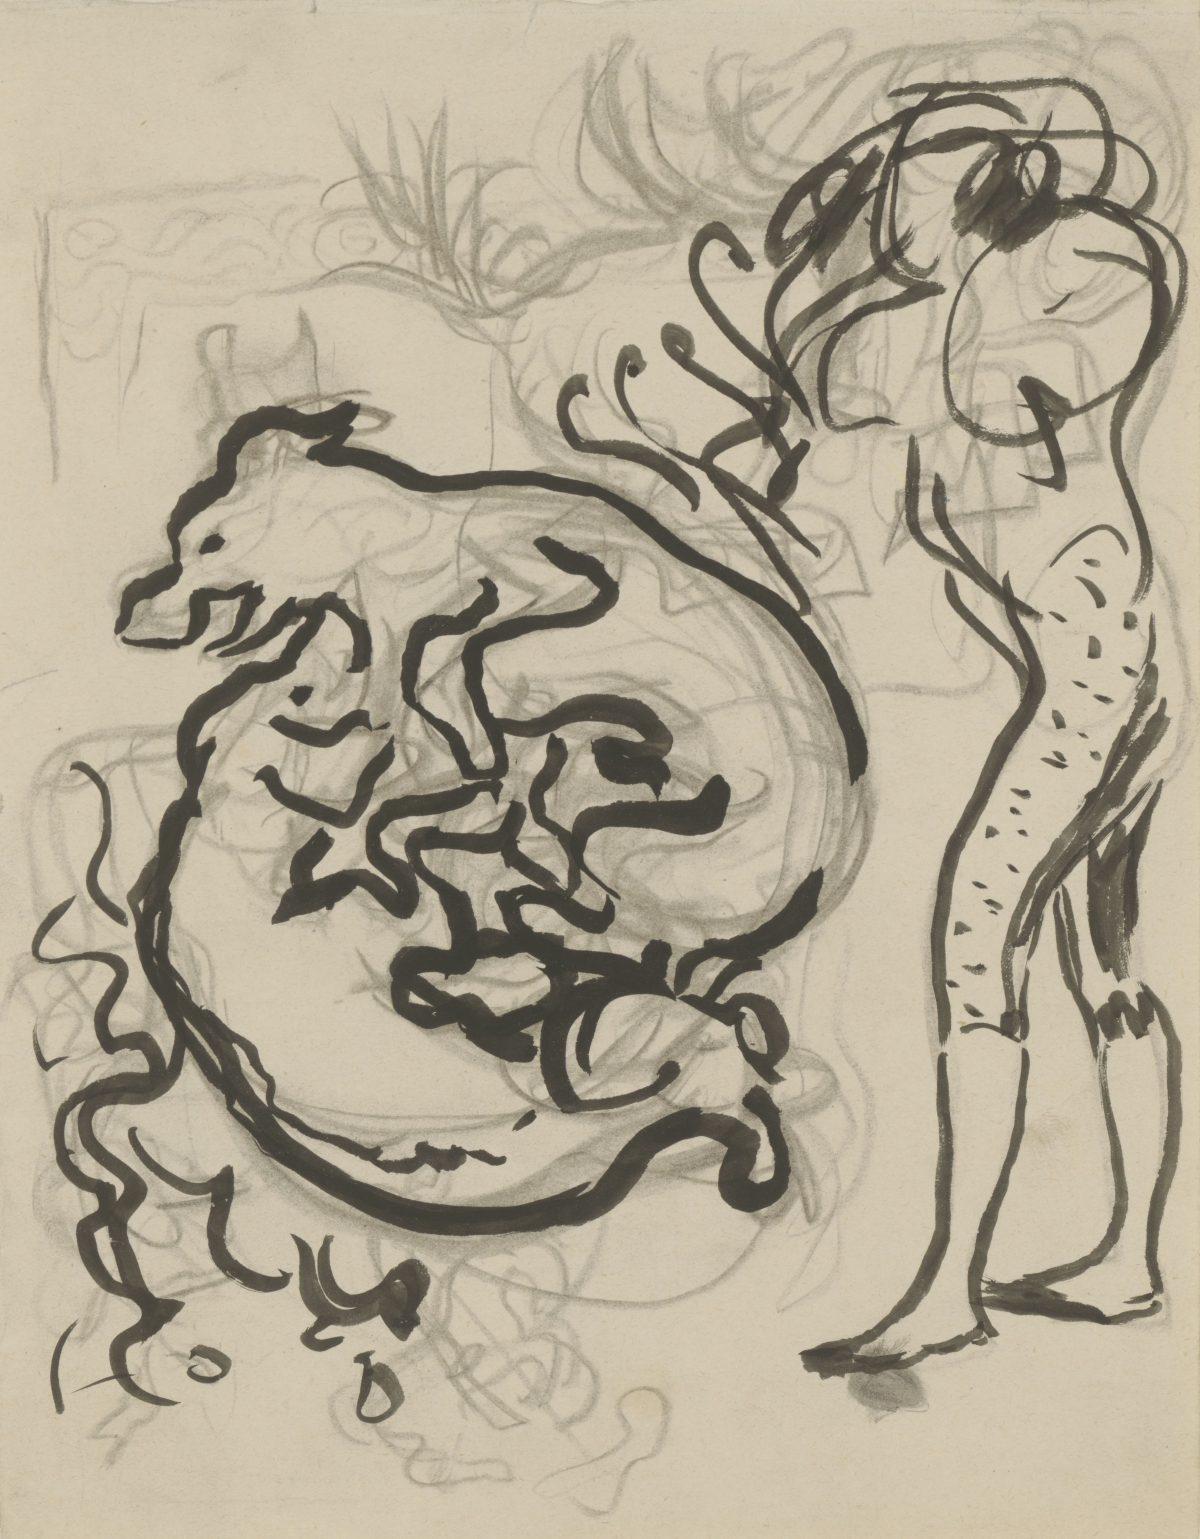 Pierre Bonnard, recto: Spielende Hunde und Figur; verso: Fragment einer Skizze, um 1891, Bleistift, Pinsel in Schwarz, 234 x 190 mm (unregelmäßig) Blattmaß © Staatliche Graphische Sammlung München